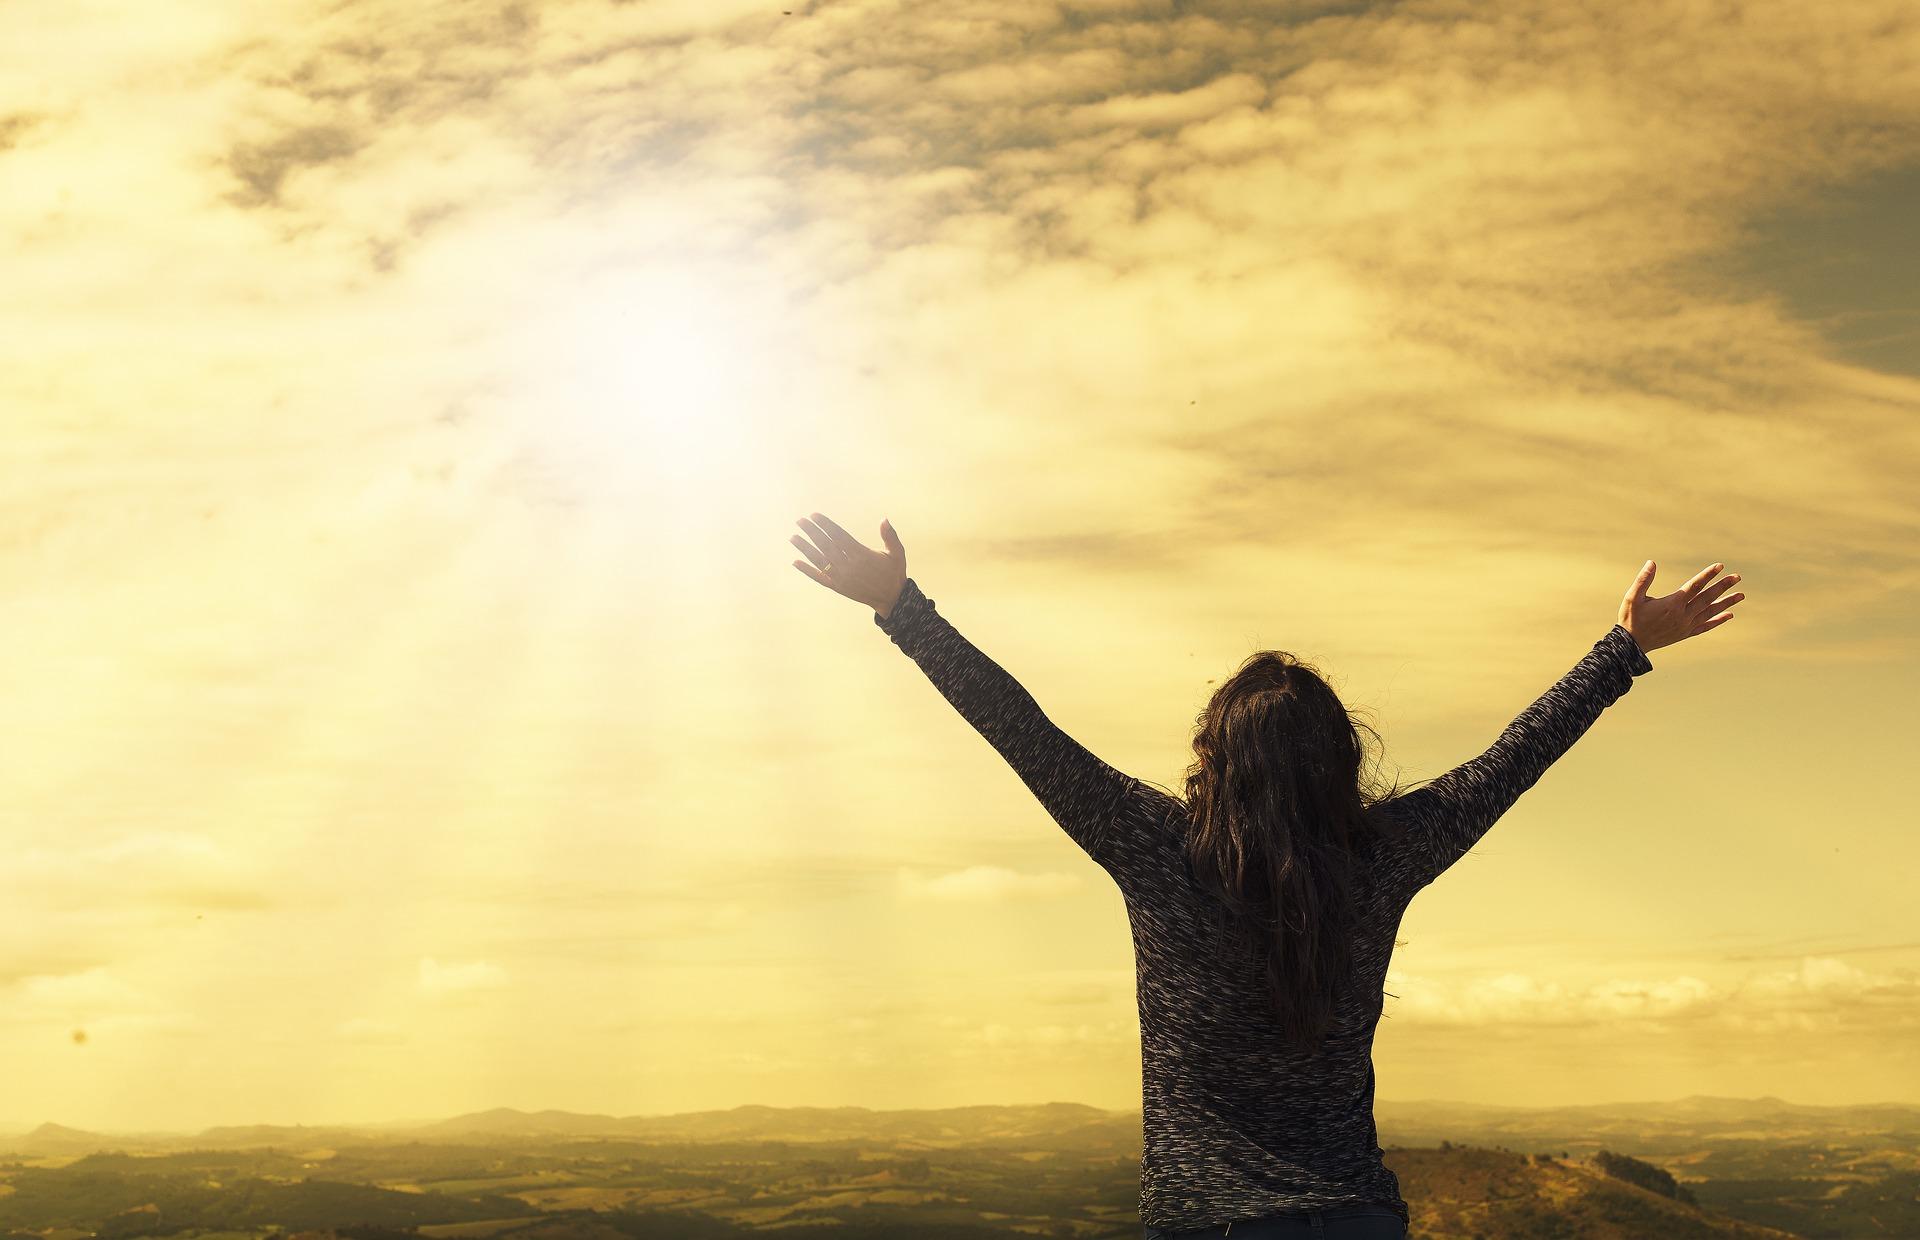 bonheur soleil femme bras ouverts